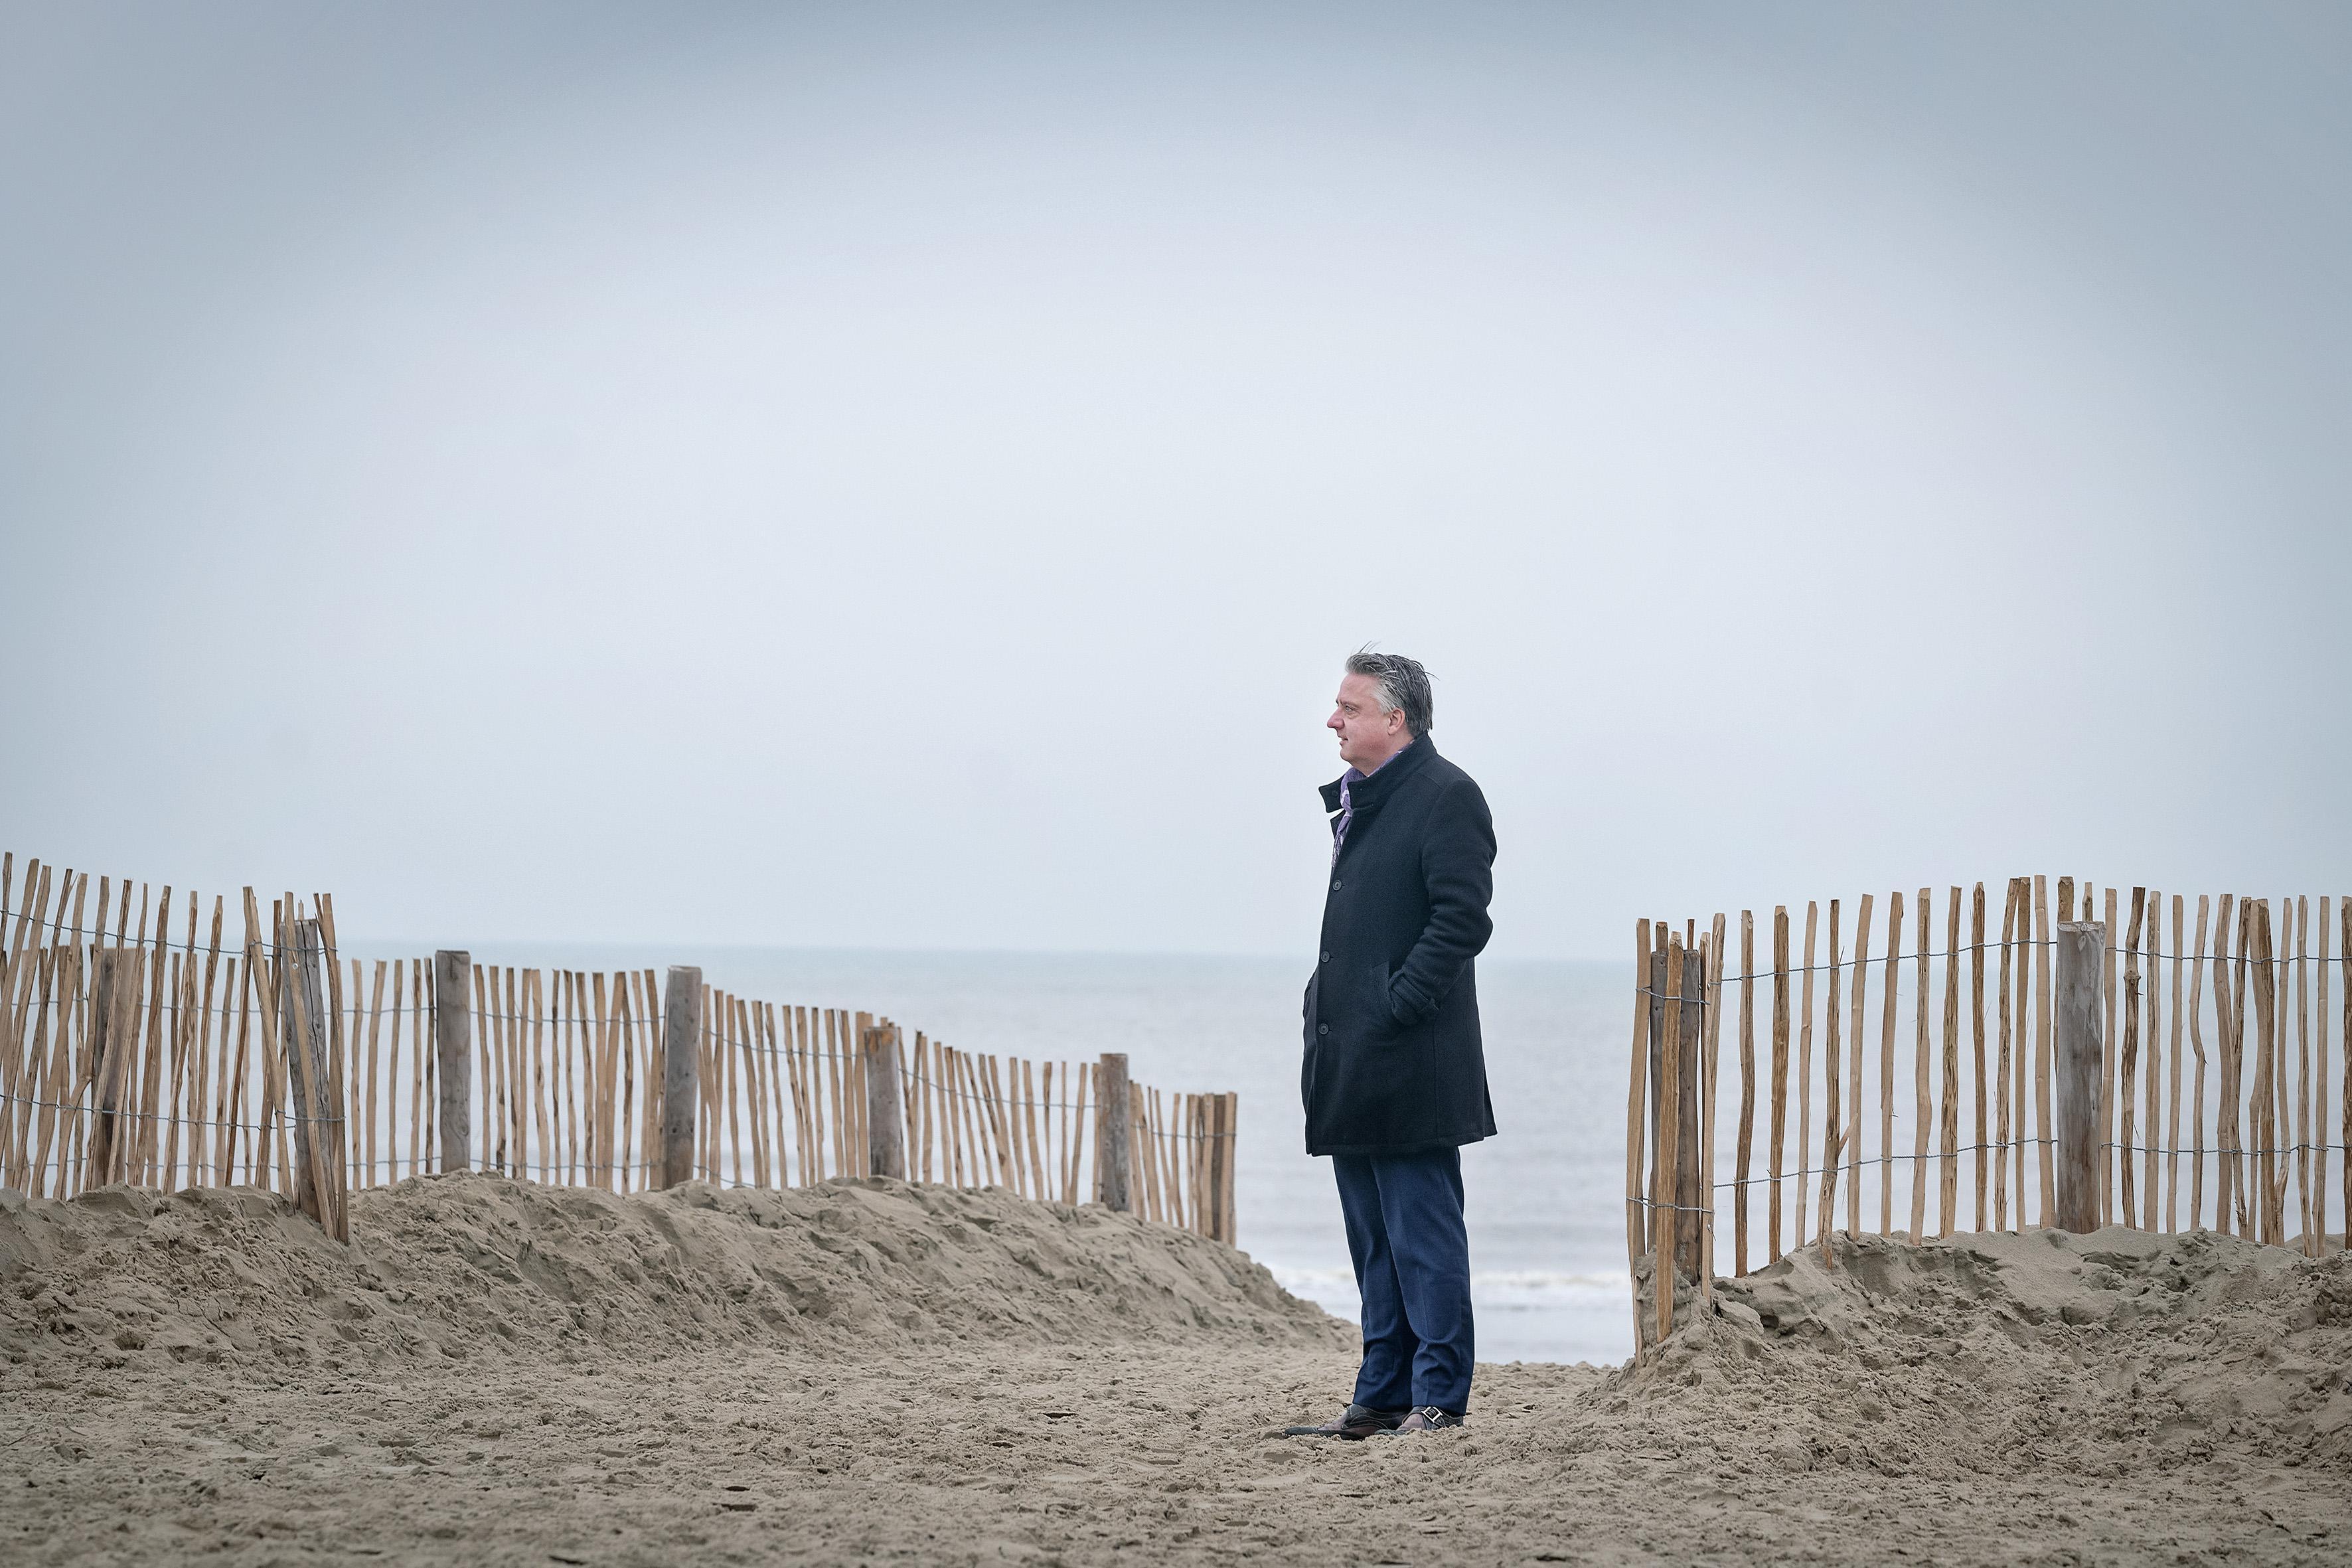 Terugblik op wat hét jaar van Zandvoort had moeten worden. Burgemeester David Moolenburgh: 'De teleurstelling over het niet doorgaan van de F1 was overal voelbaar. Maar iedereen begreep het'